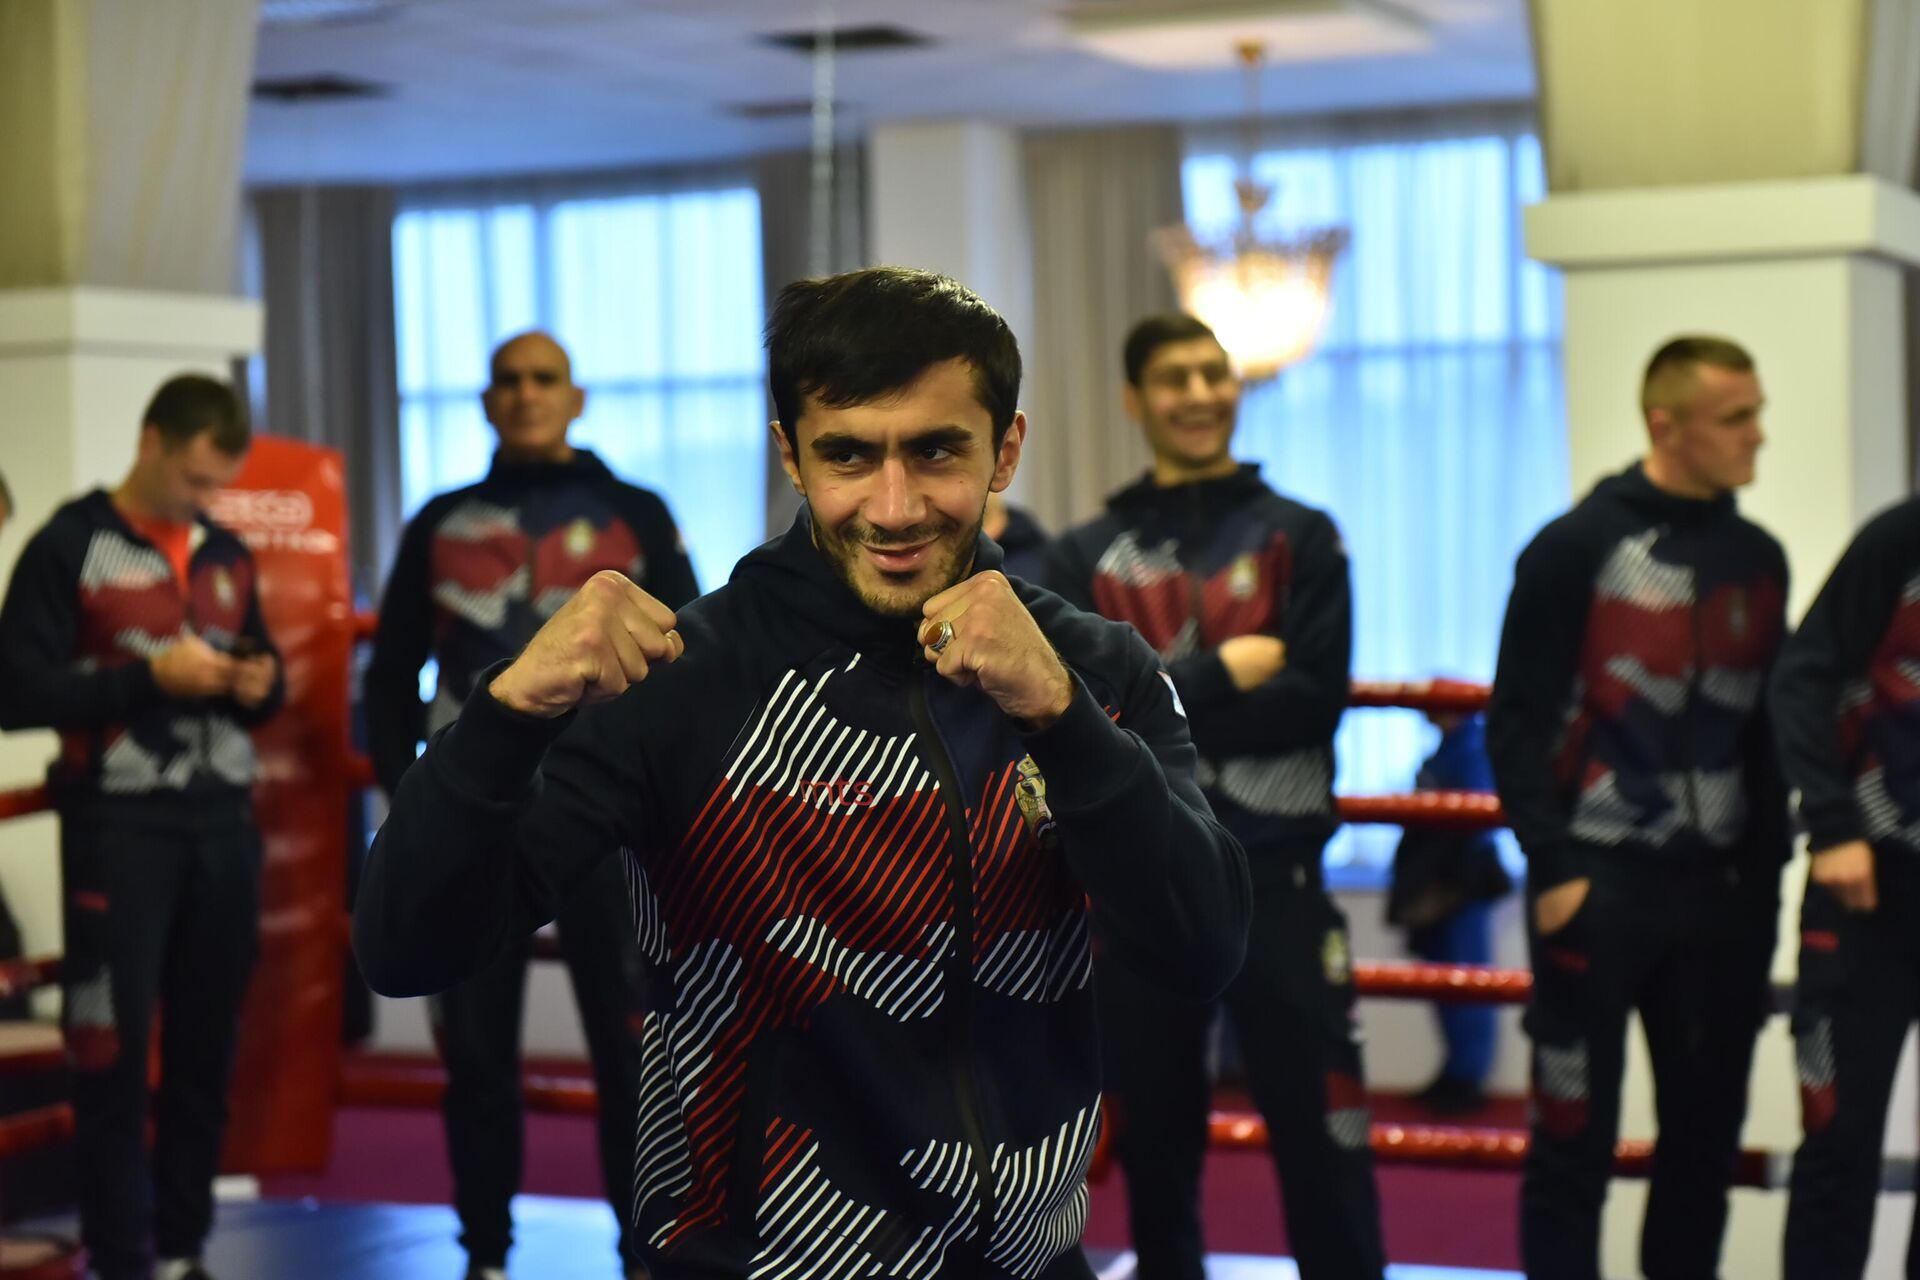 Vahid Abasov – ruski bokser koji nastupa pod zastavom Srbije - Sputnik Srbija, 1920, 08.10.2021